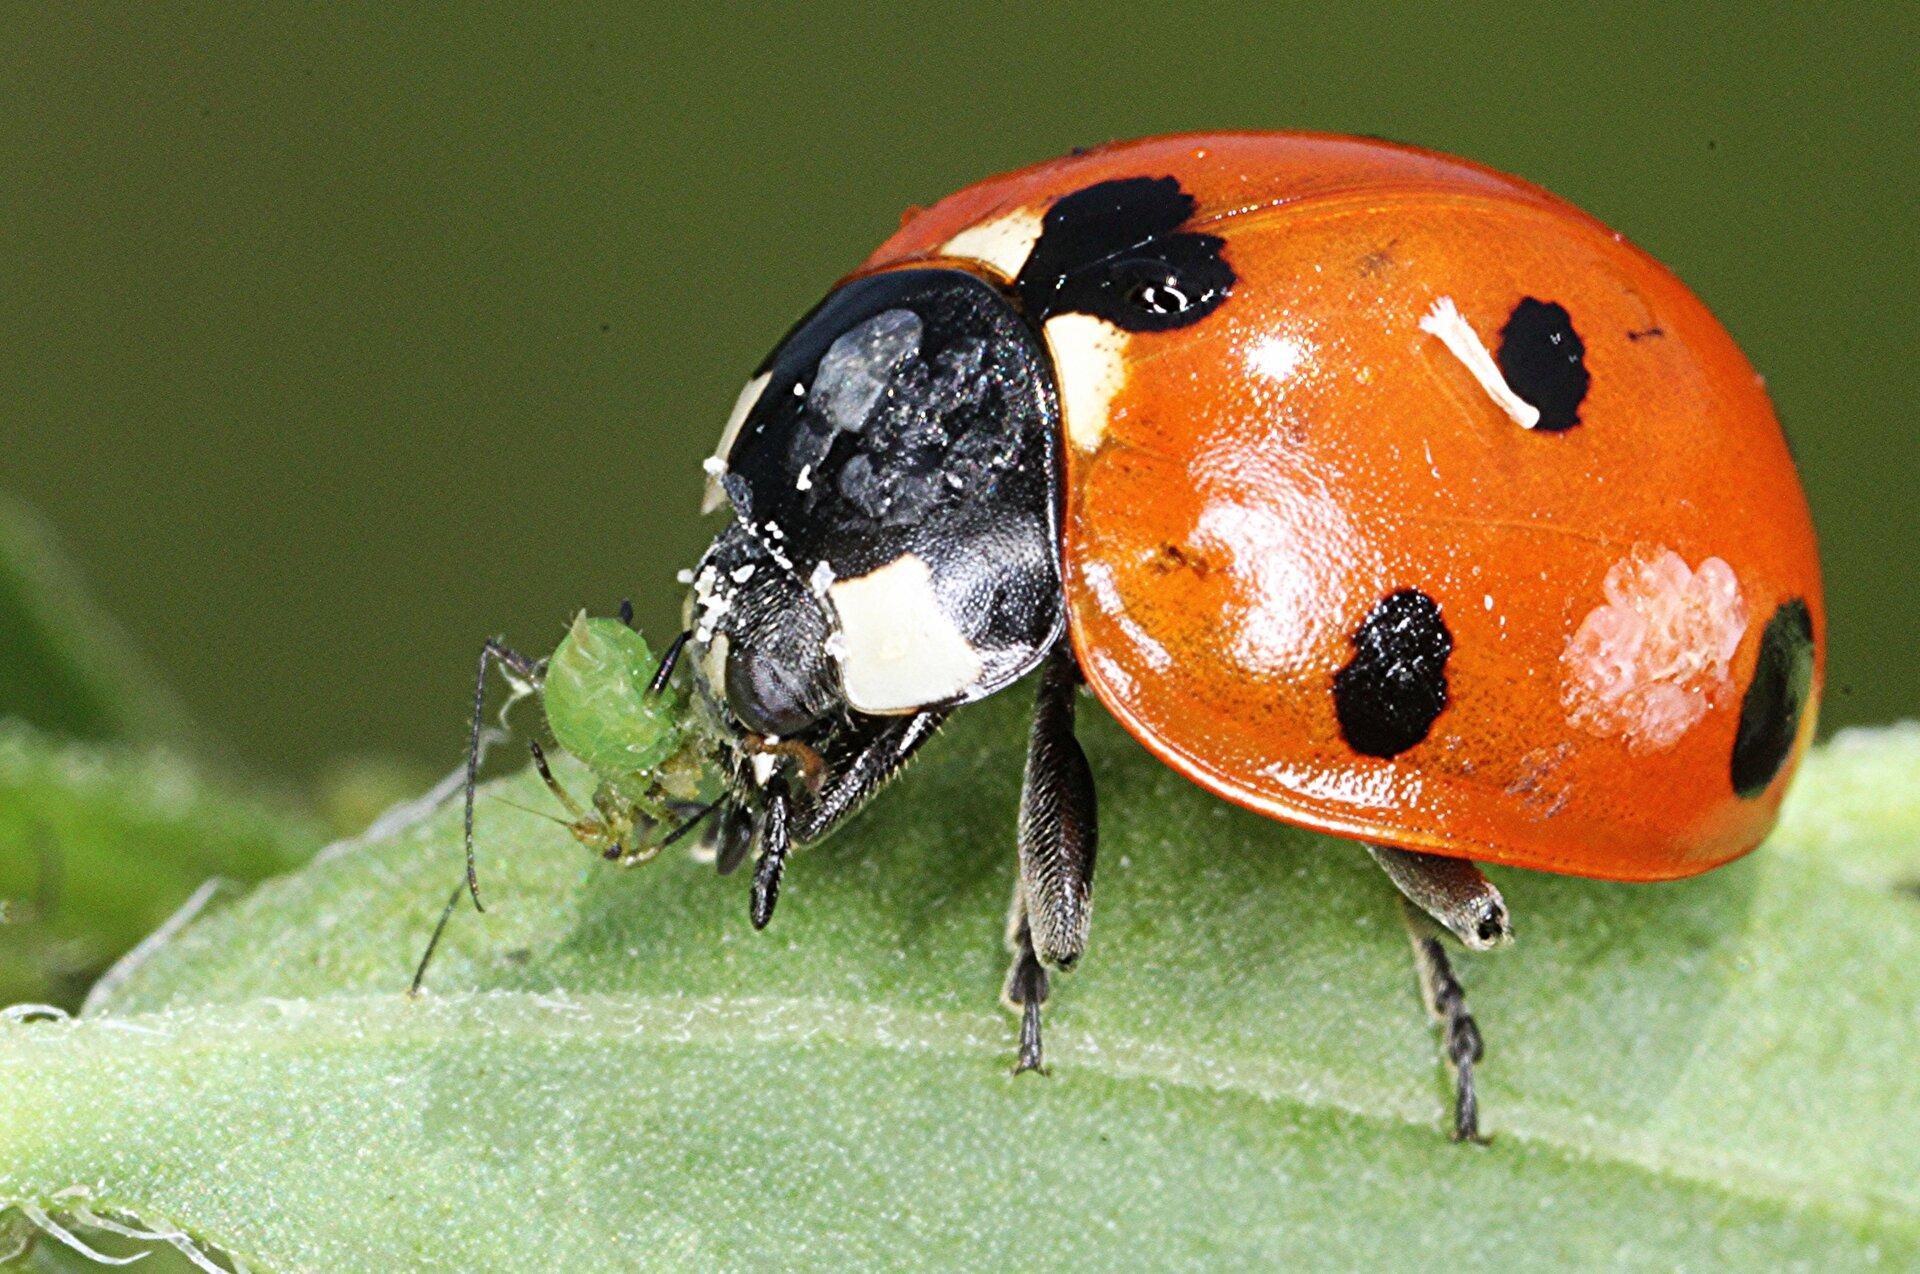 Fotografia przedstawia biedronkę, która przednimi odnóżami trzyma mszycę. Biedronka ma obłe ciało. Na czerwonych pokrywach osłaniających większość ciała widać czarne kropki. Przednia część ciała czarna zbiałymi plamami.